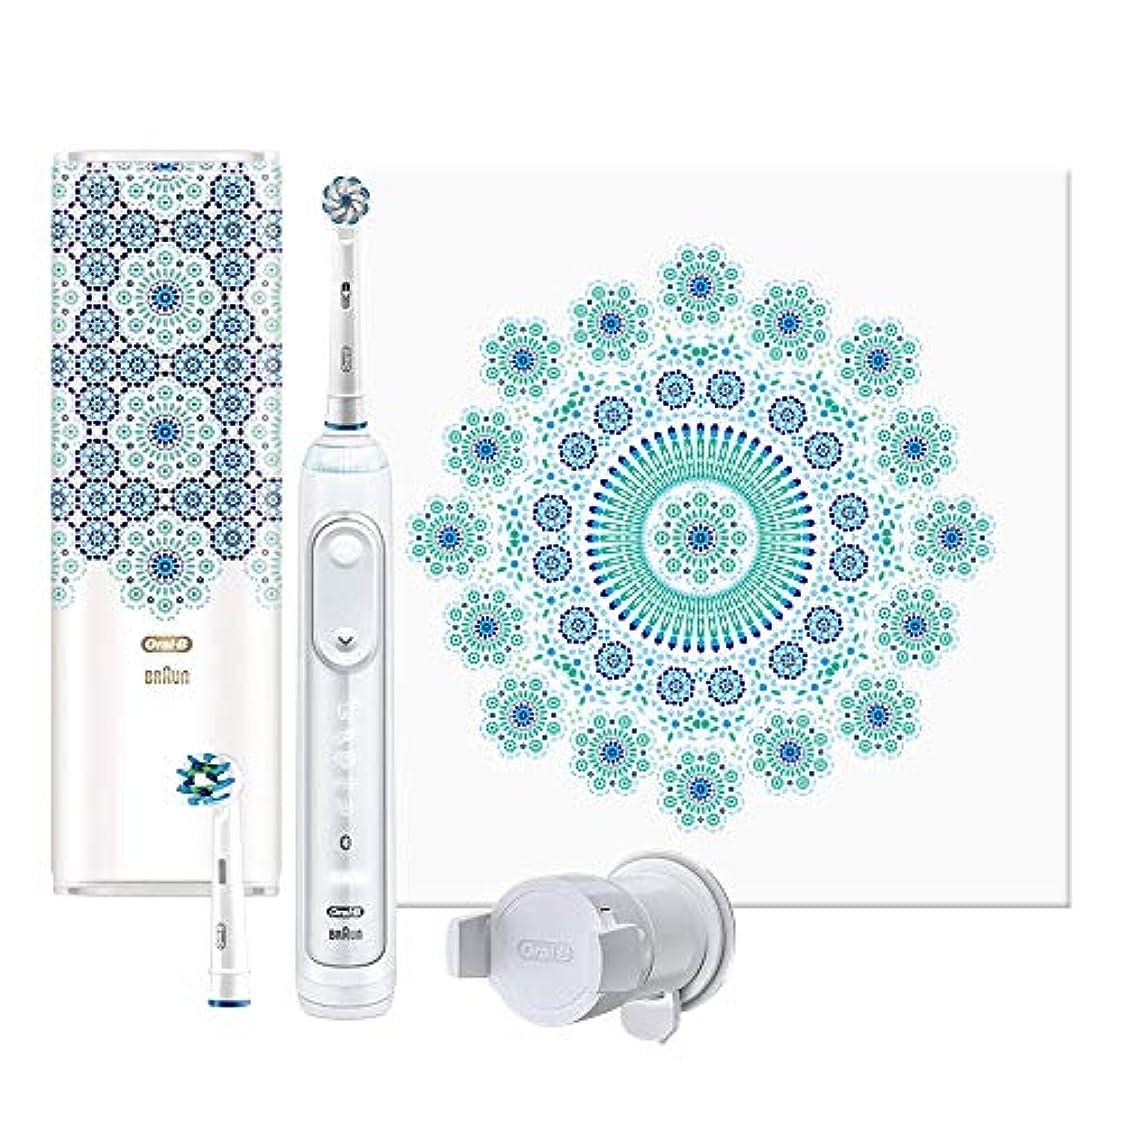 ホバートパズル休憩ブラウン オーラルB 電動歯ブラシ ジーニアス9000 モロッコデザイン D7015256XCTMC